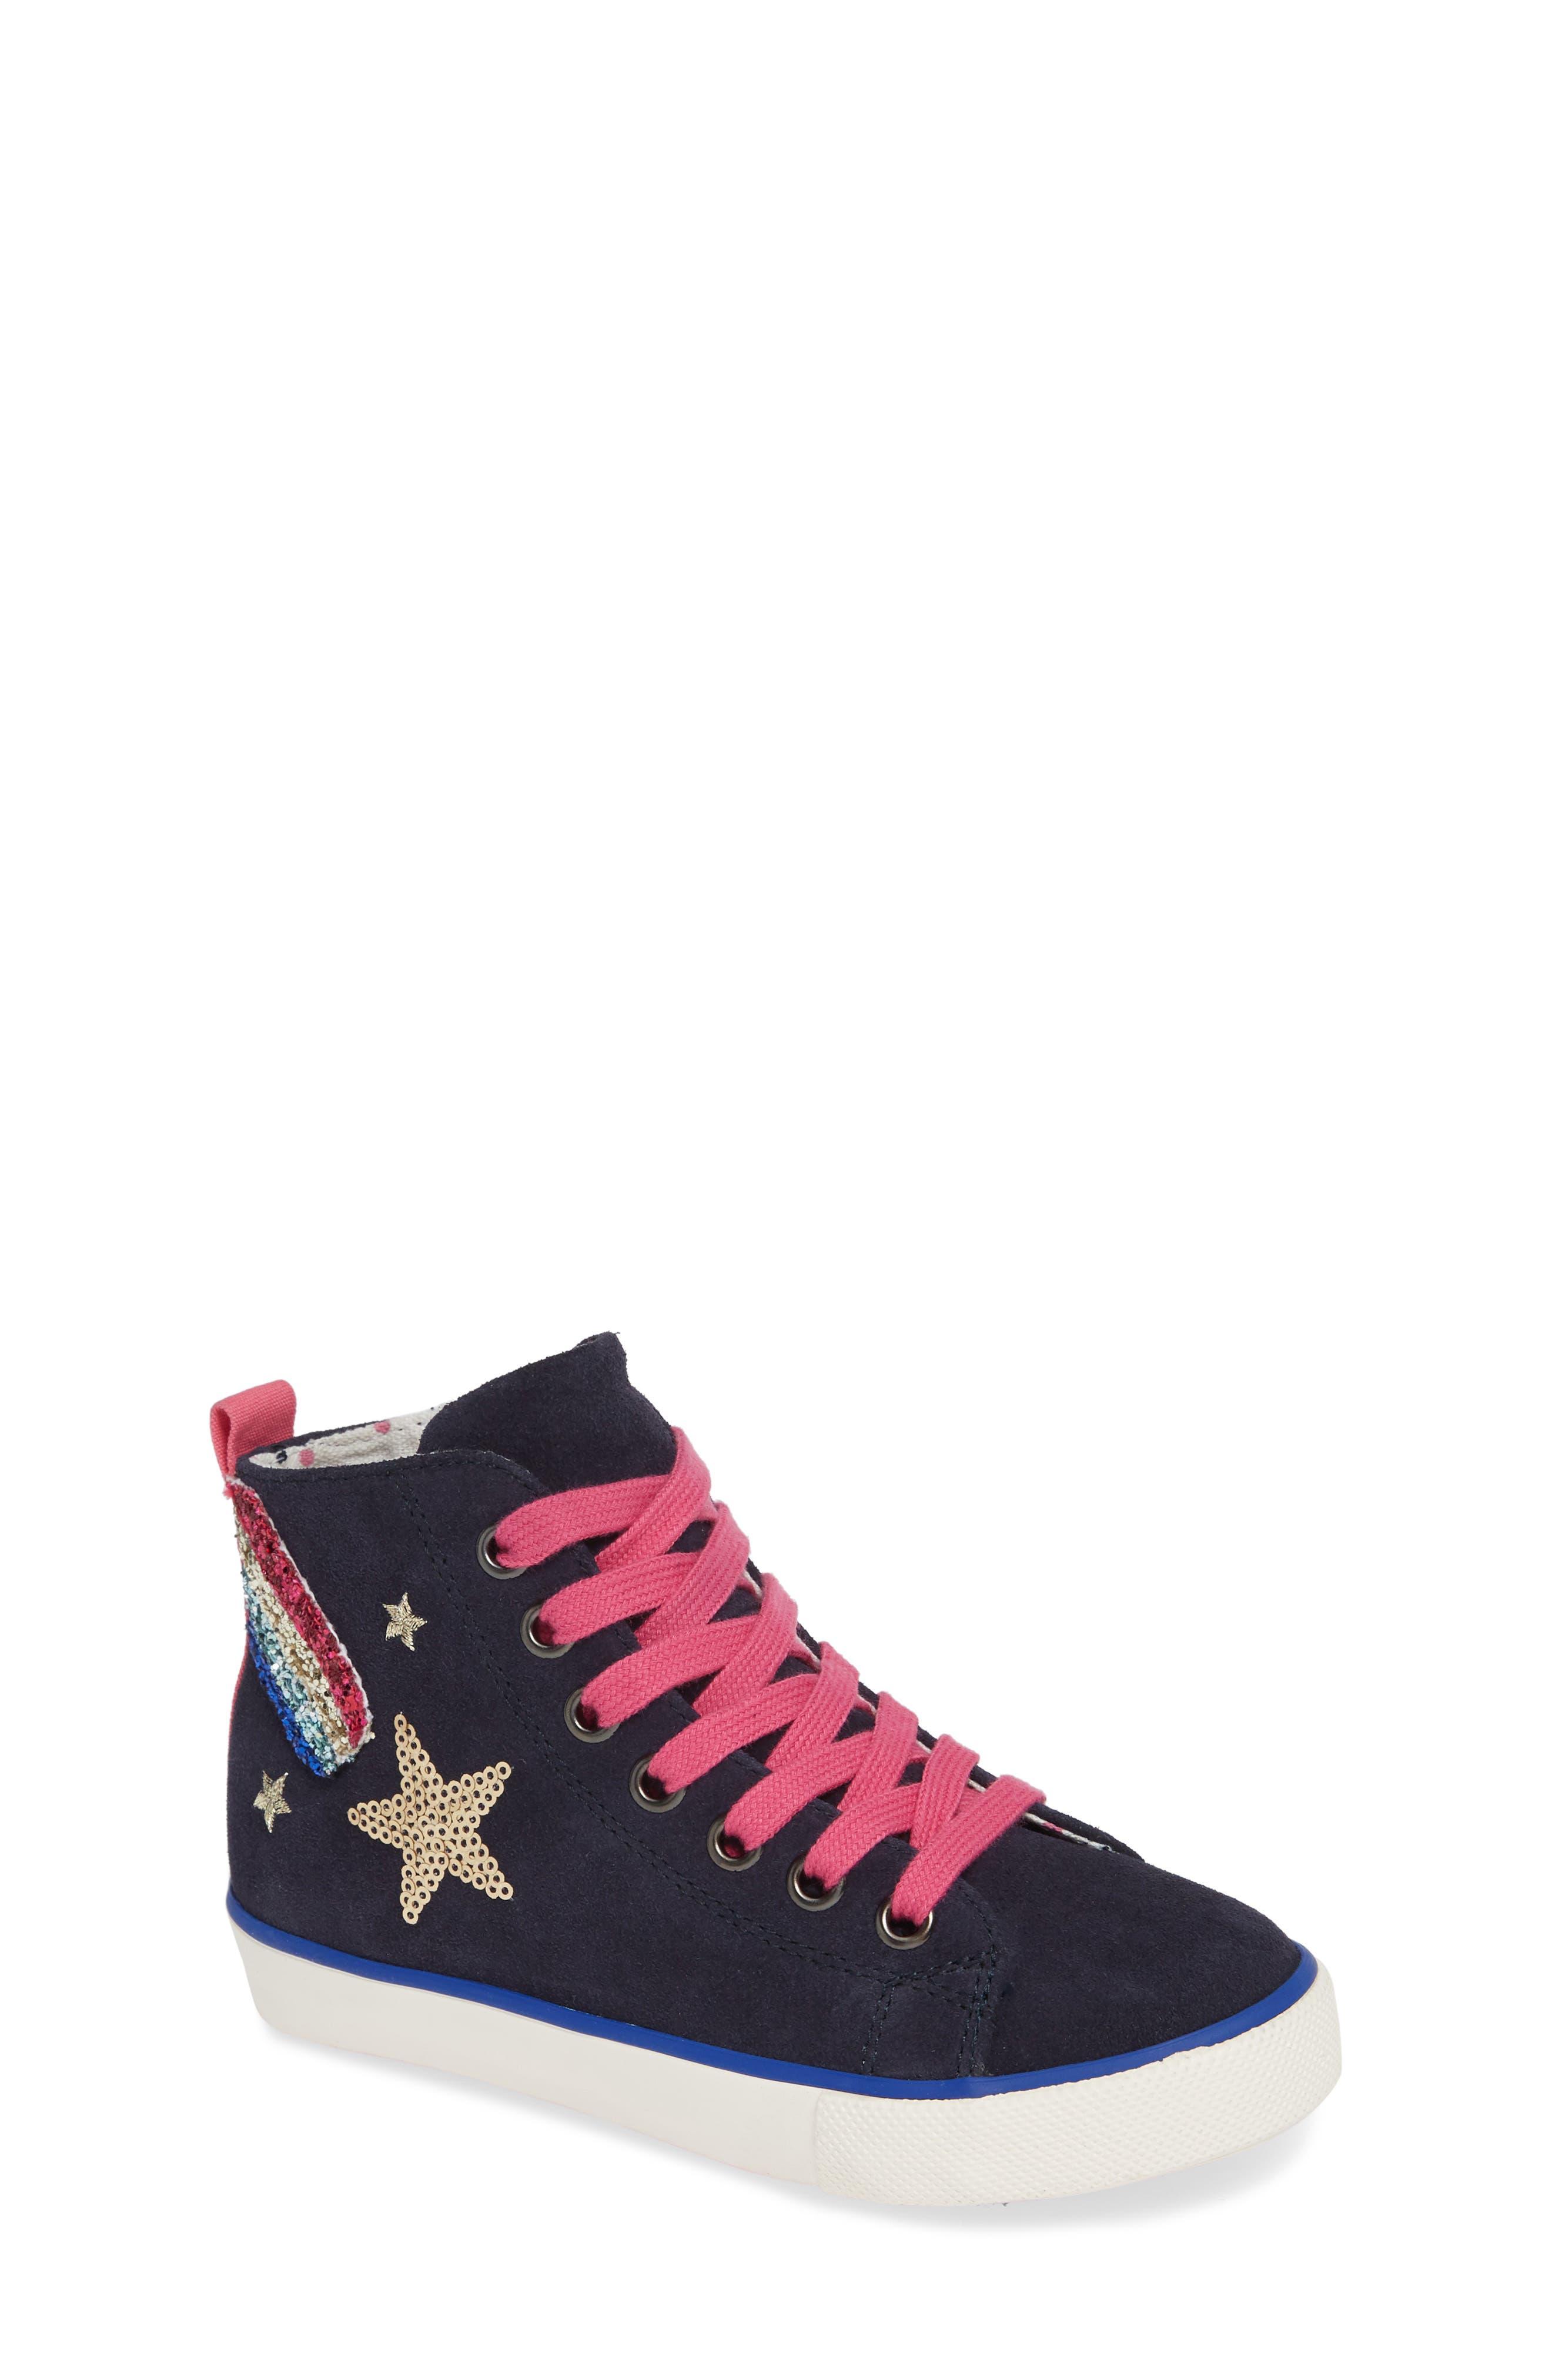 Mini Boden Appliqué High Top Sneaker,                             Main thumbnail 1, color,                             SCHOOL NAVY